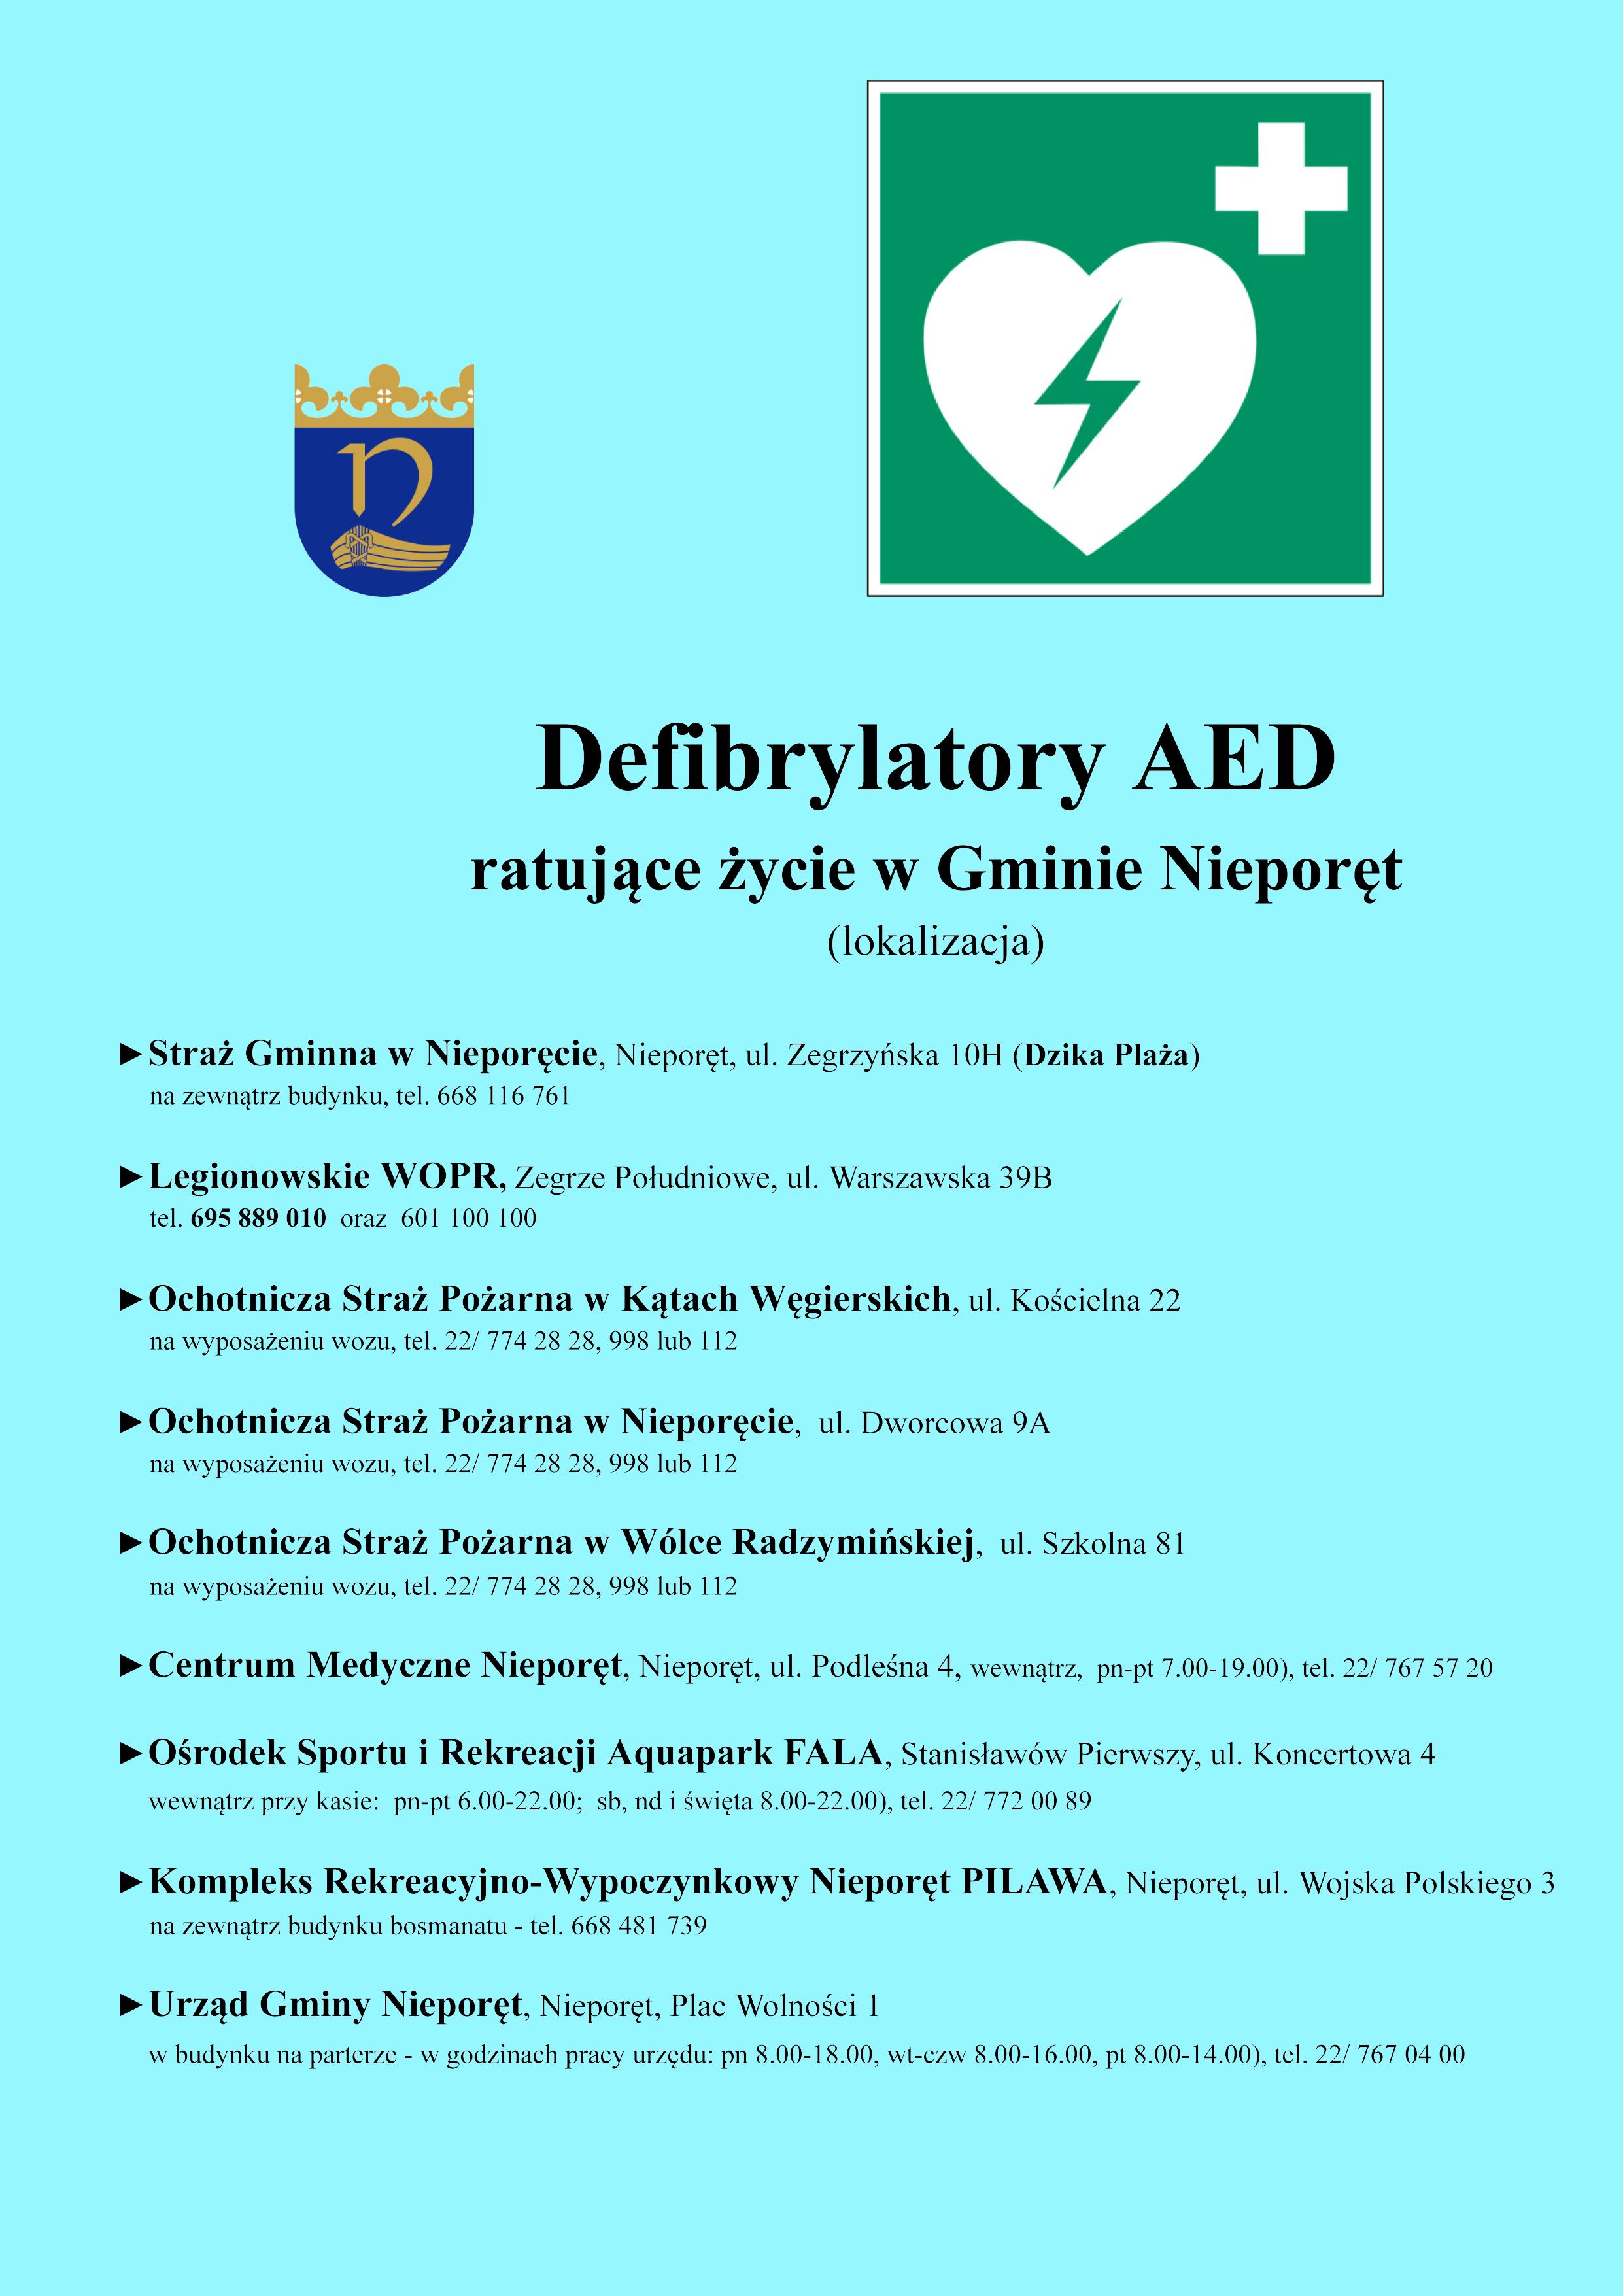 Wykaz defibrylatorów AED znajdujących się na terenie Gminy Nieporęt